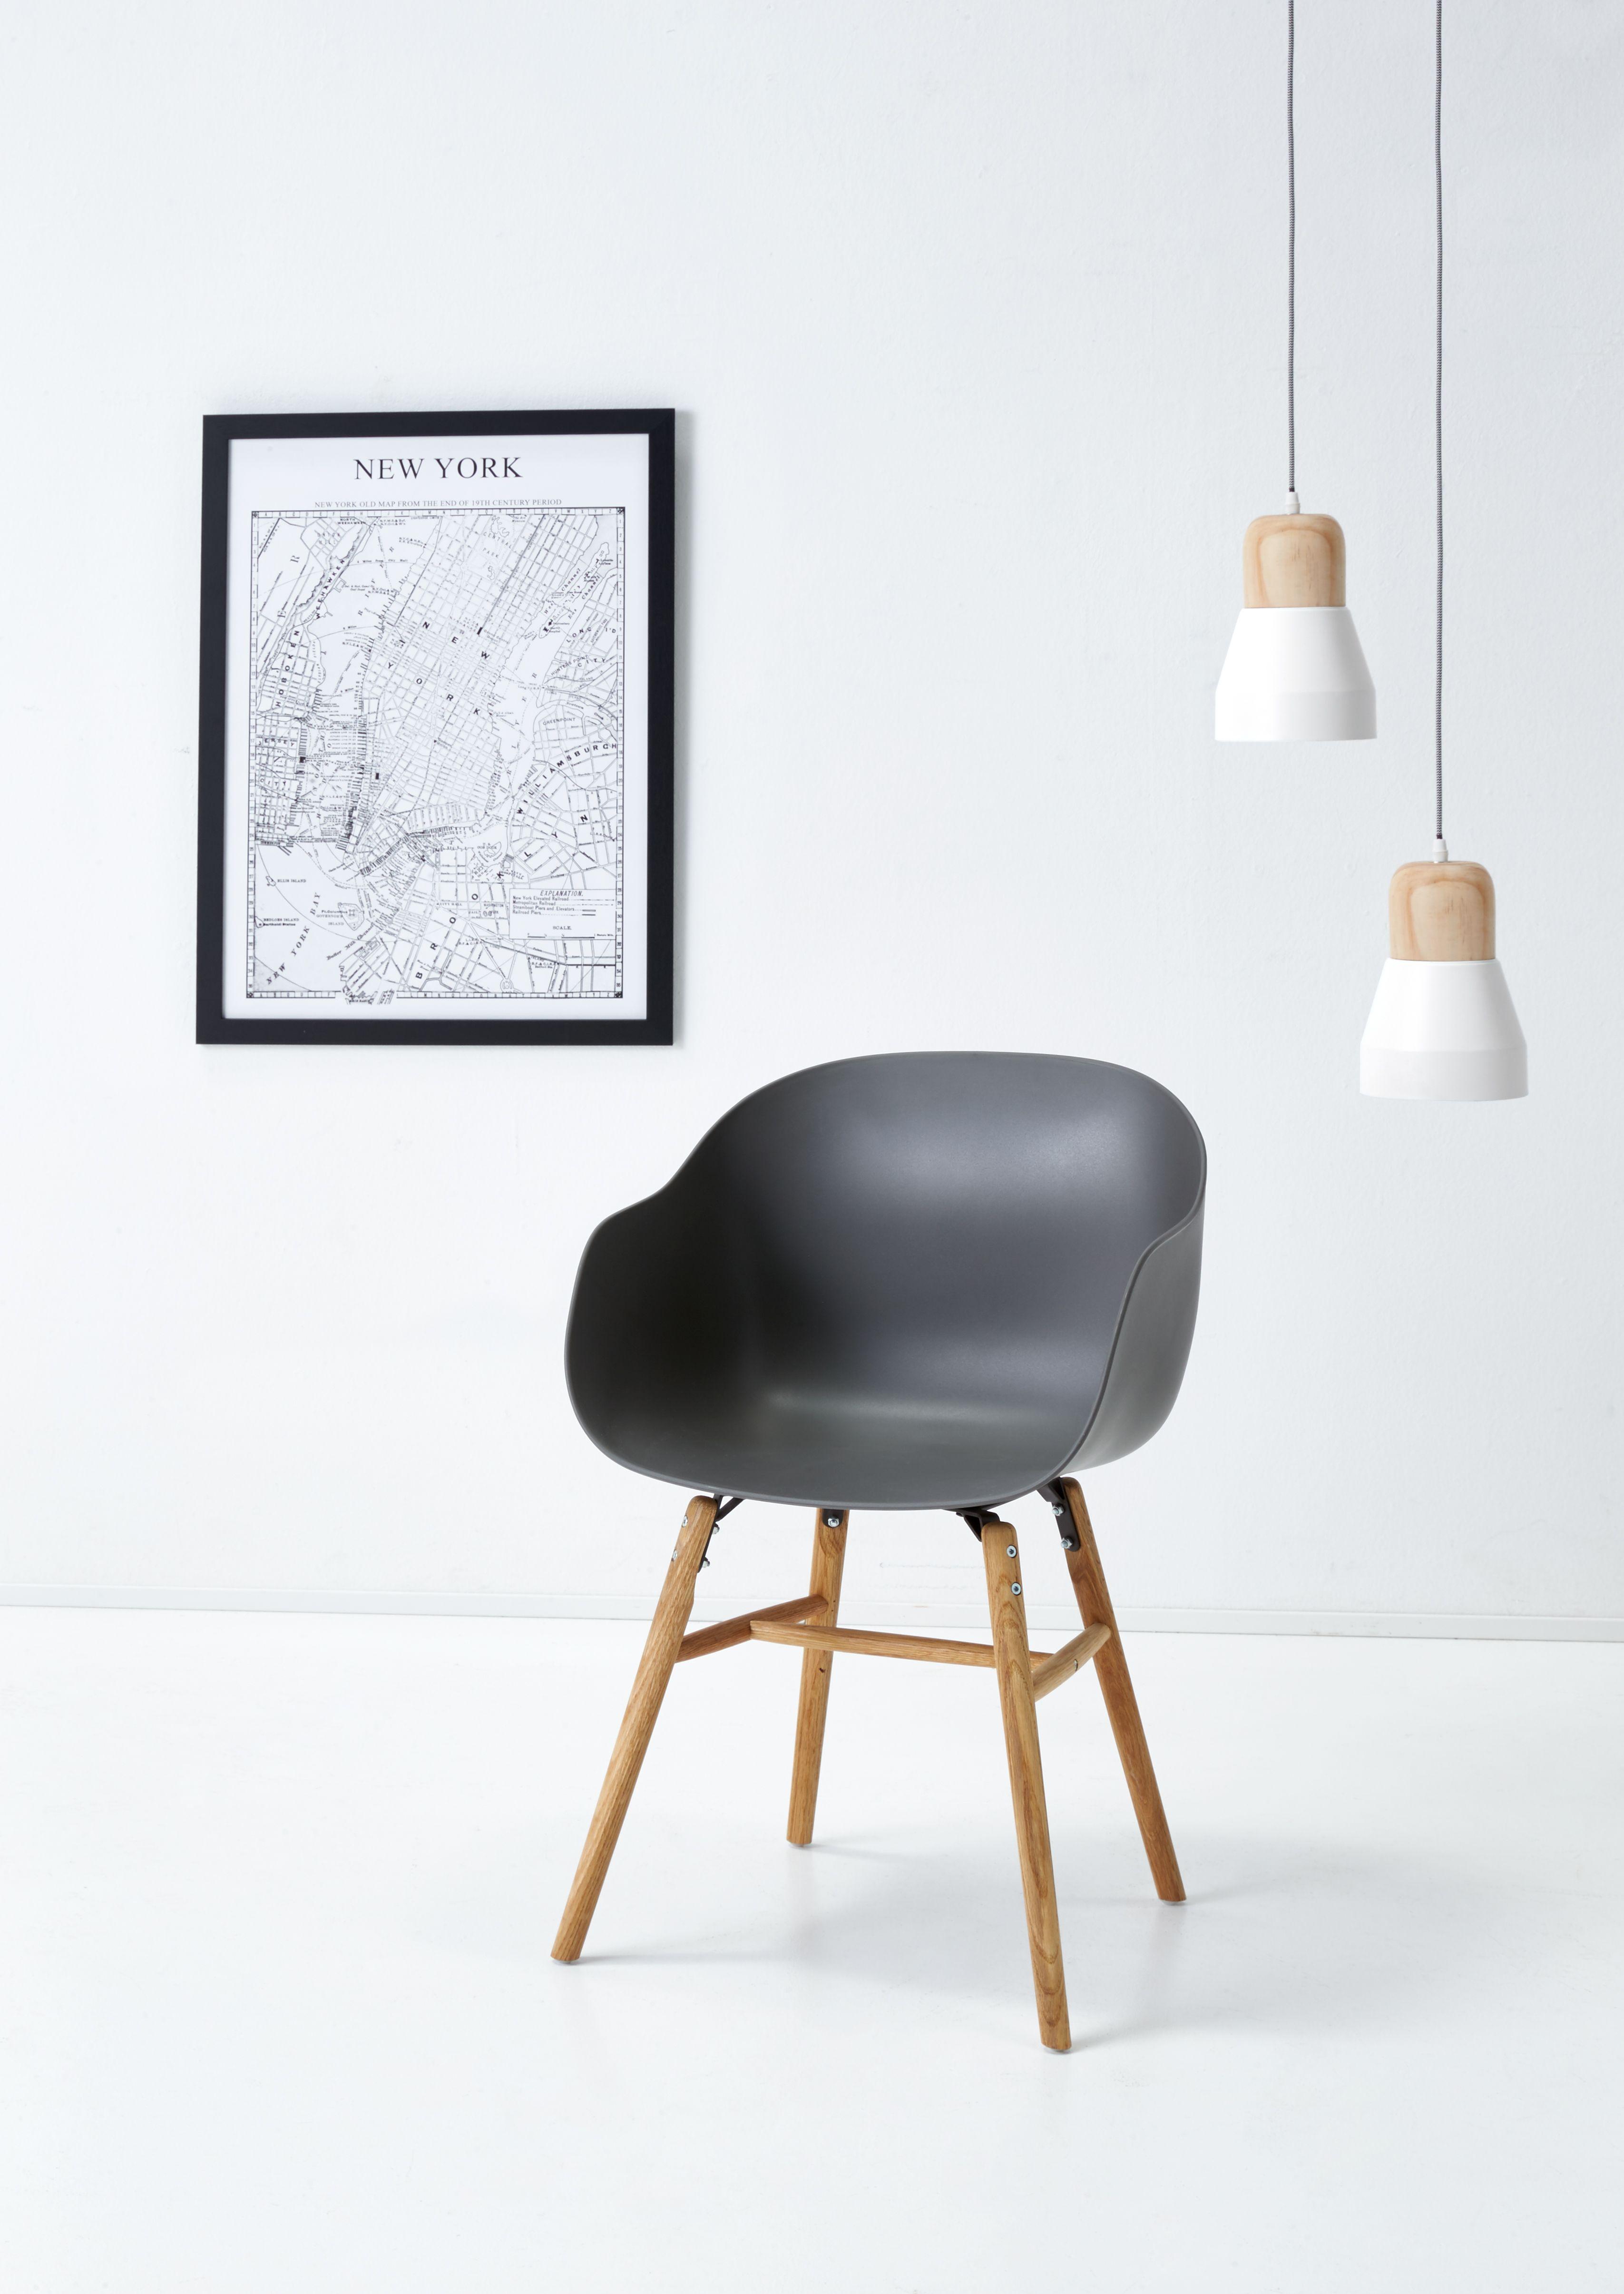 Shop moderne stoel SOHO met houten onderstel mét of zónder kuip in ...